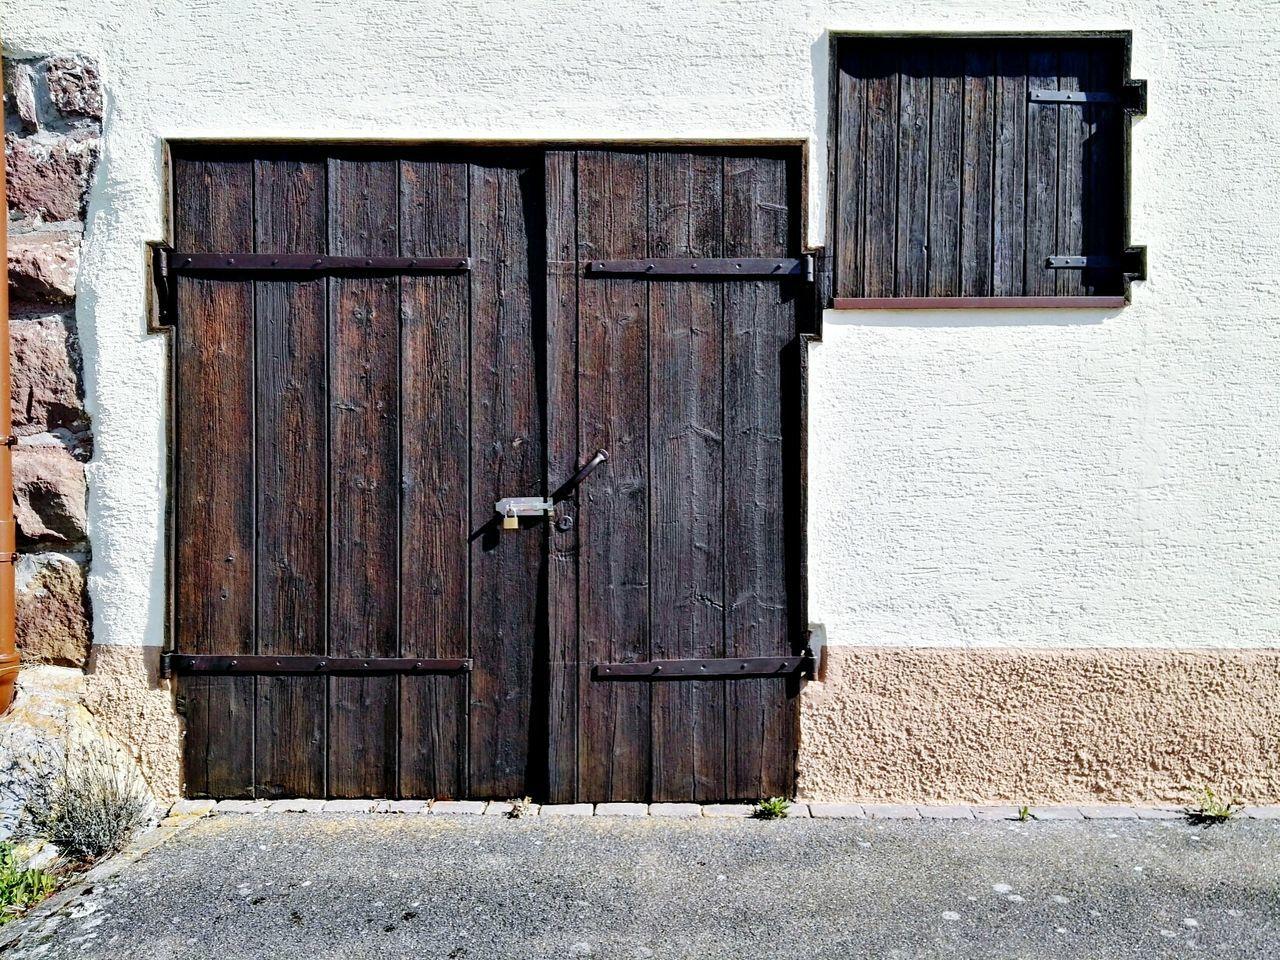 Old door Closed Door Architecture Built Structure Building Exterior Outdoors No People Lock Aged Old Door Old Building  Old Barn Vintage Style Traditional Wooden Door Handmade Door